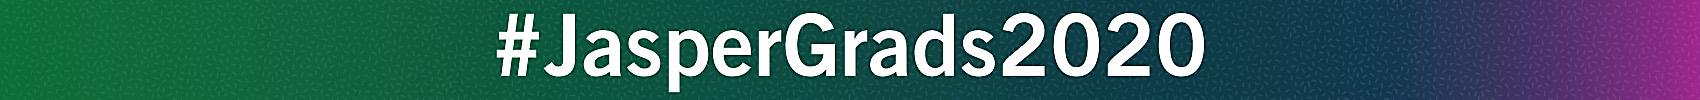 JasperGrads2020_Web-Banner-1700x100_FINAL.jpg